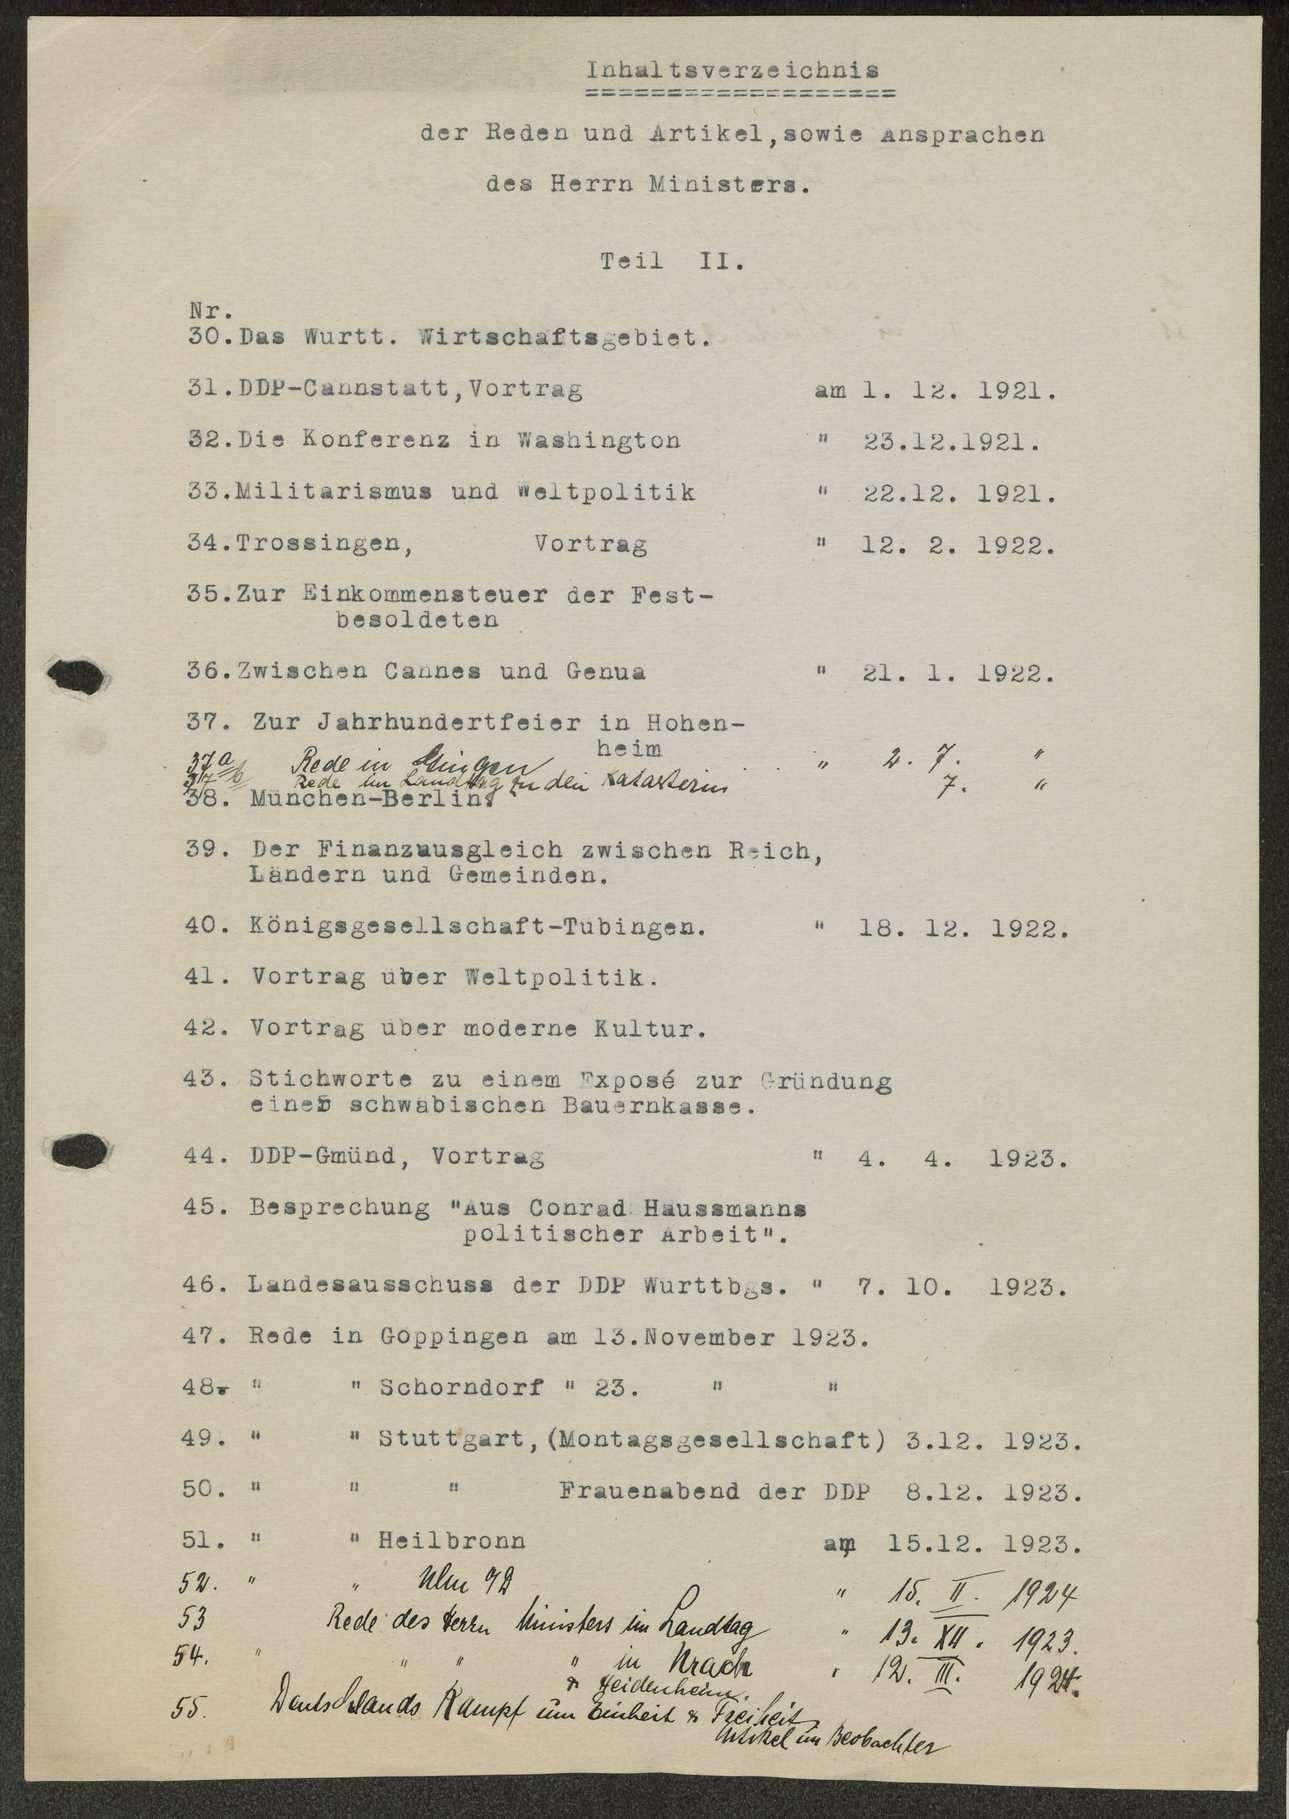 Verzeichnis der Reden, Aufsätze, Zeitungsartikel von Wilhelm Schall, Bild 3